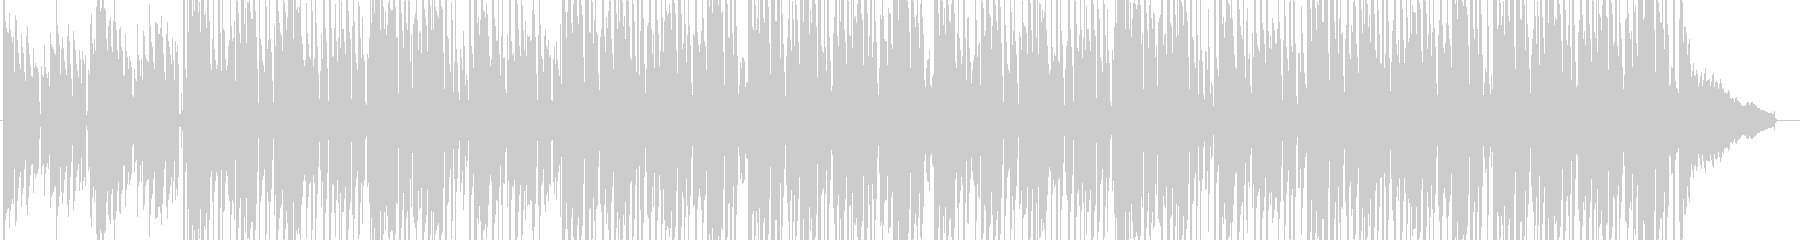 スパイ映画音楽の未再生の波形